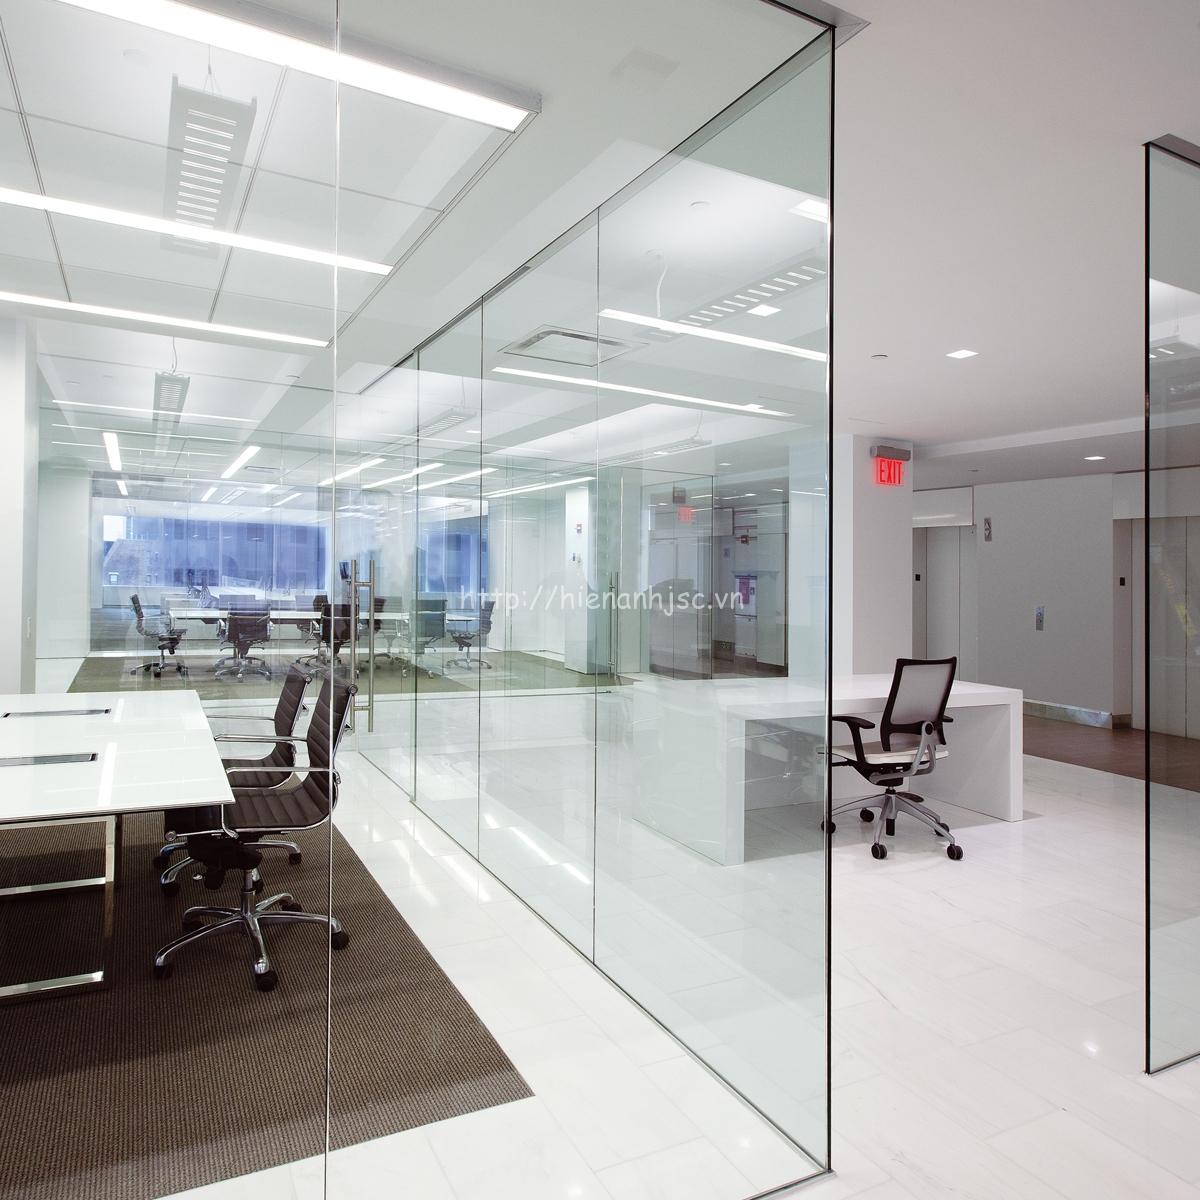 Bề mặt kính, alumi, nhựa vẫn dán được giấy tuy nhiên độ kết dính không bằng các bề mặt khác